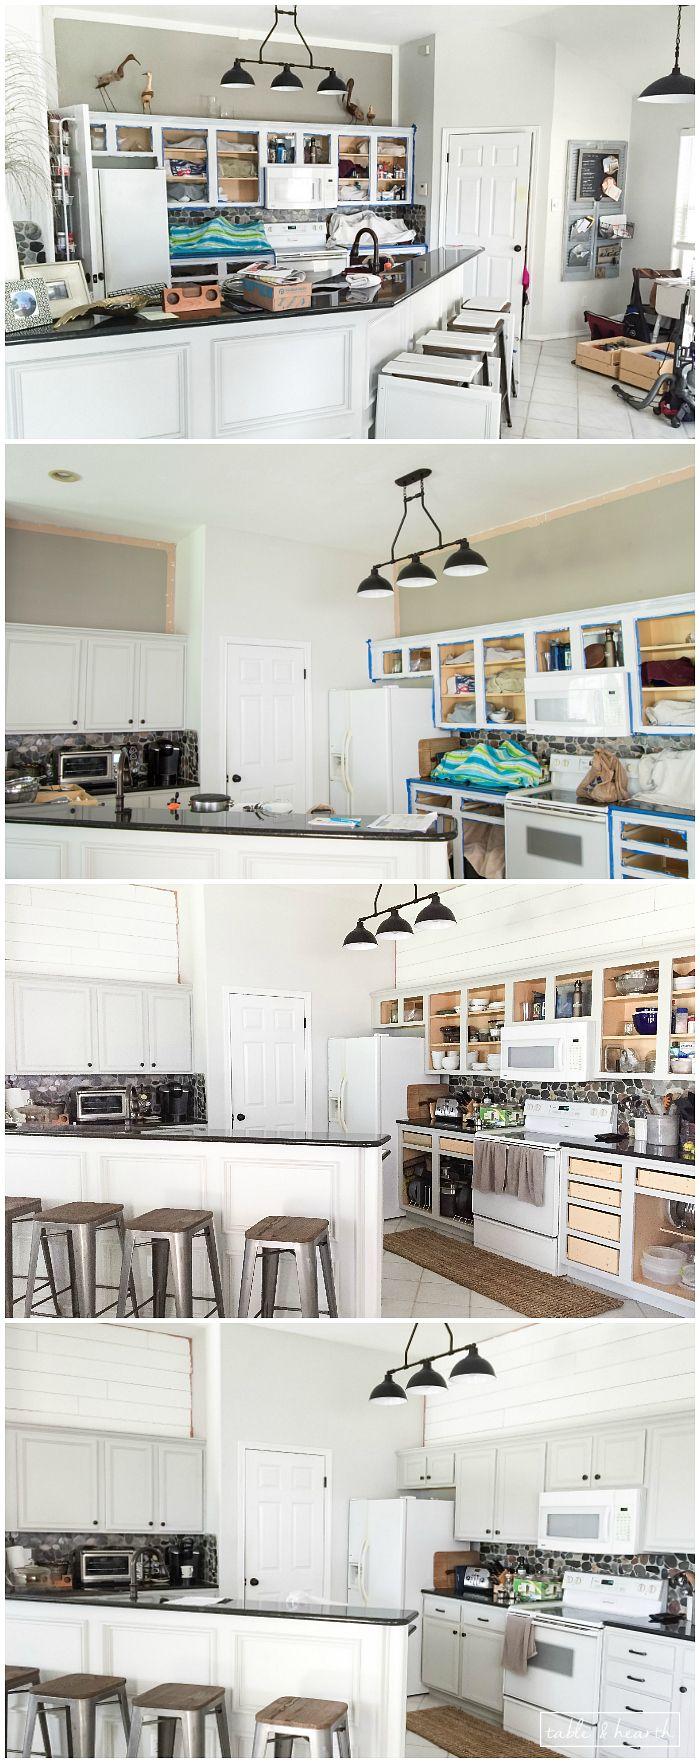 187 best HOME Kitchen images on Pinterest | Kitchen ideas, Dream ...